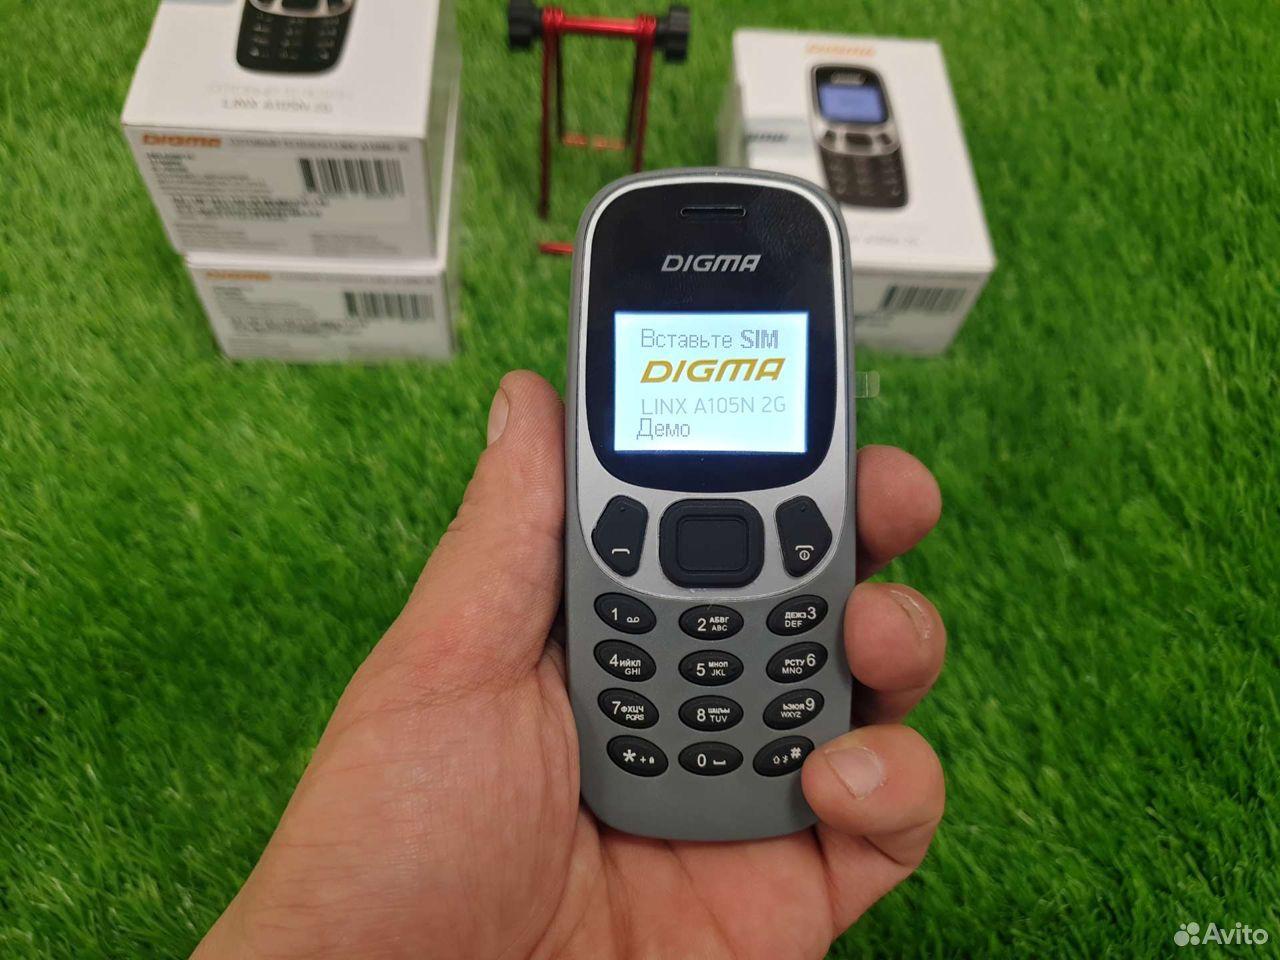 Новый Телефон Digma в коробках